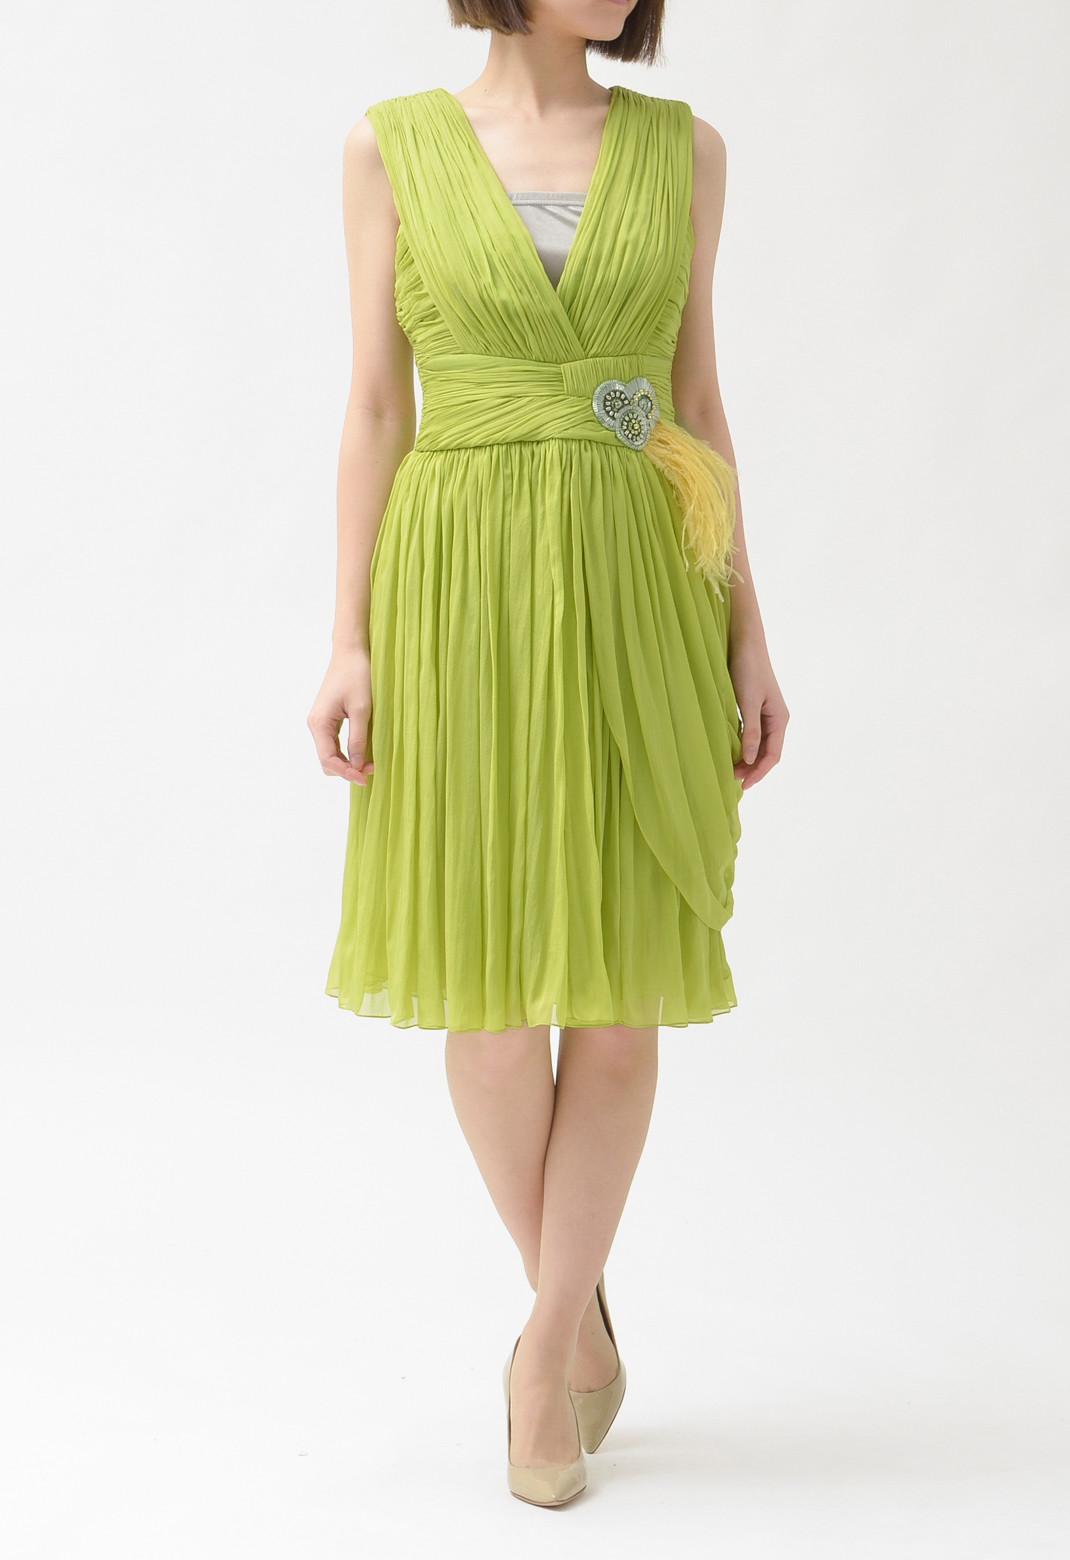 ウエストビーズ & フェザー飾り シルク ノースリーブ ドレス